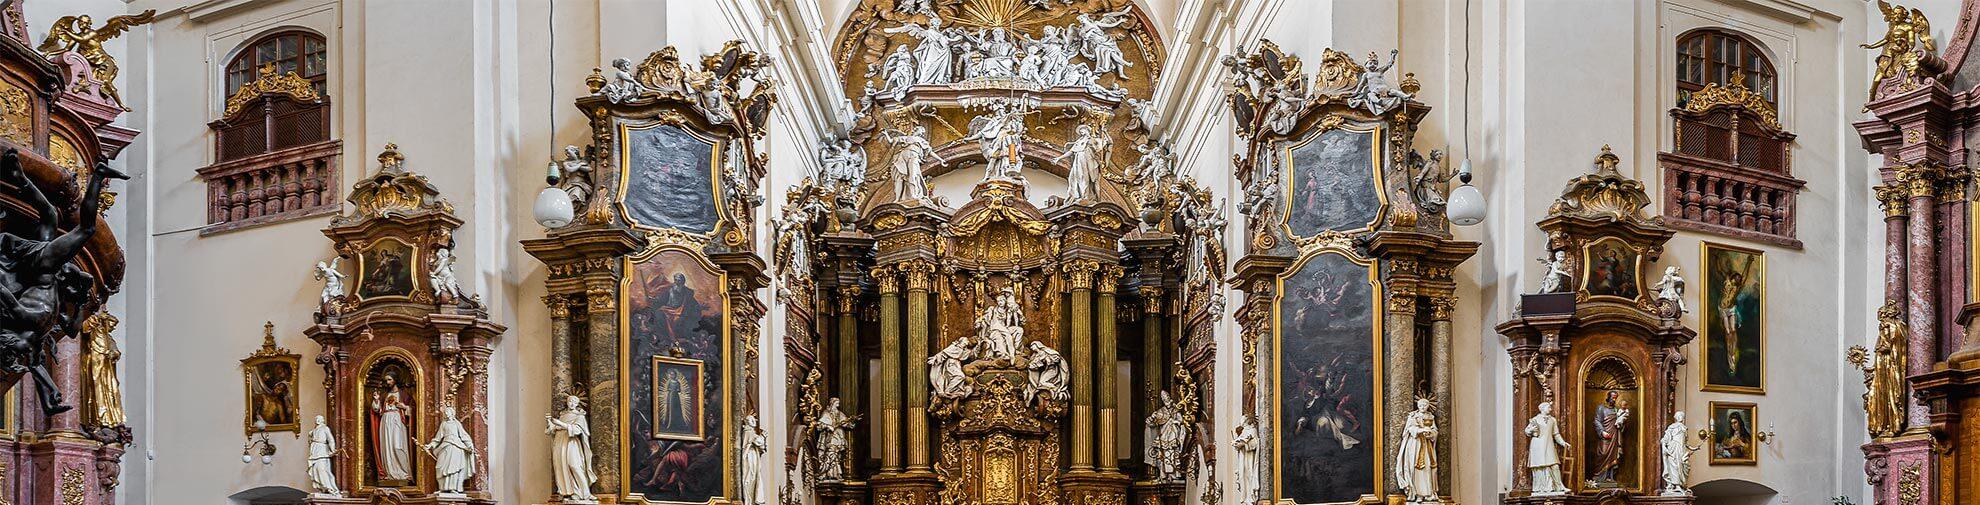 Kostel svatého Michala v Brně